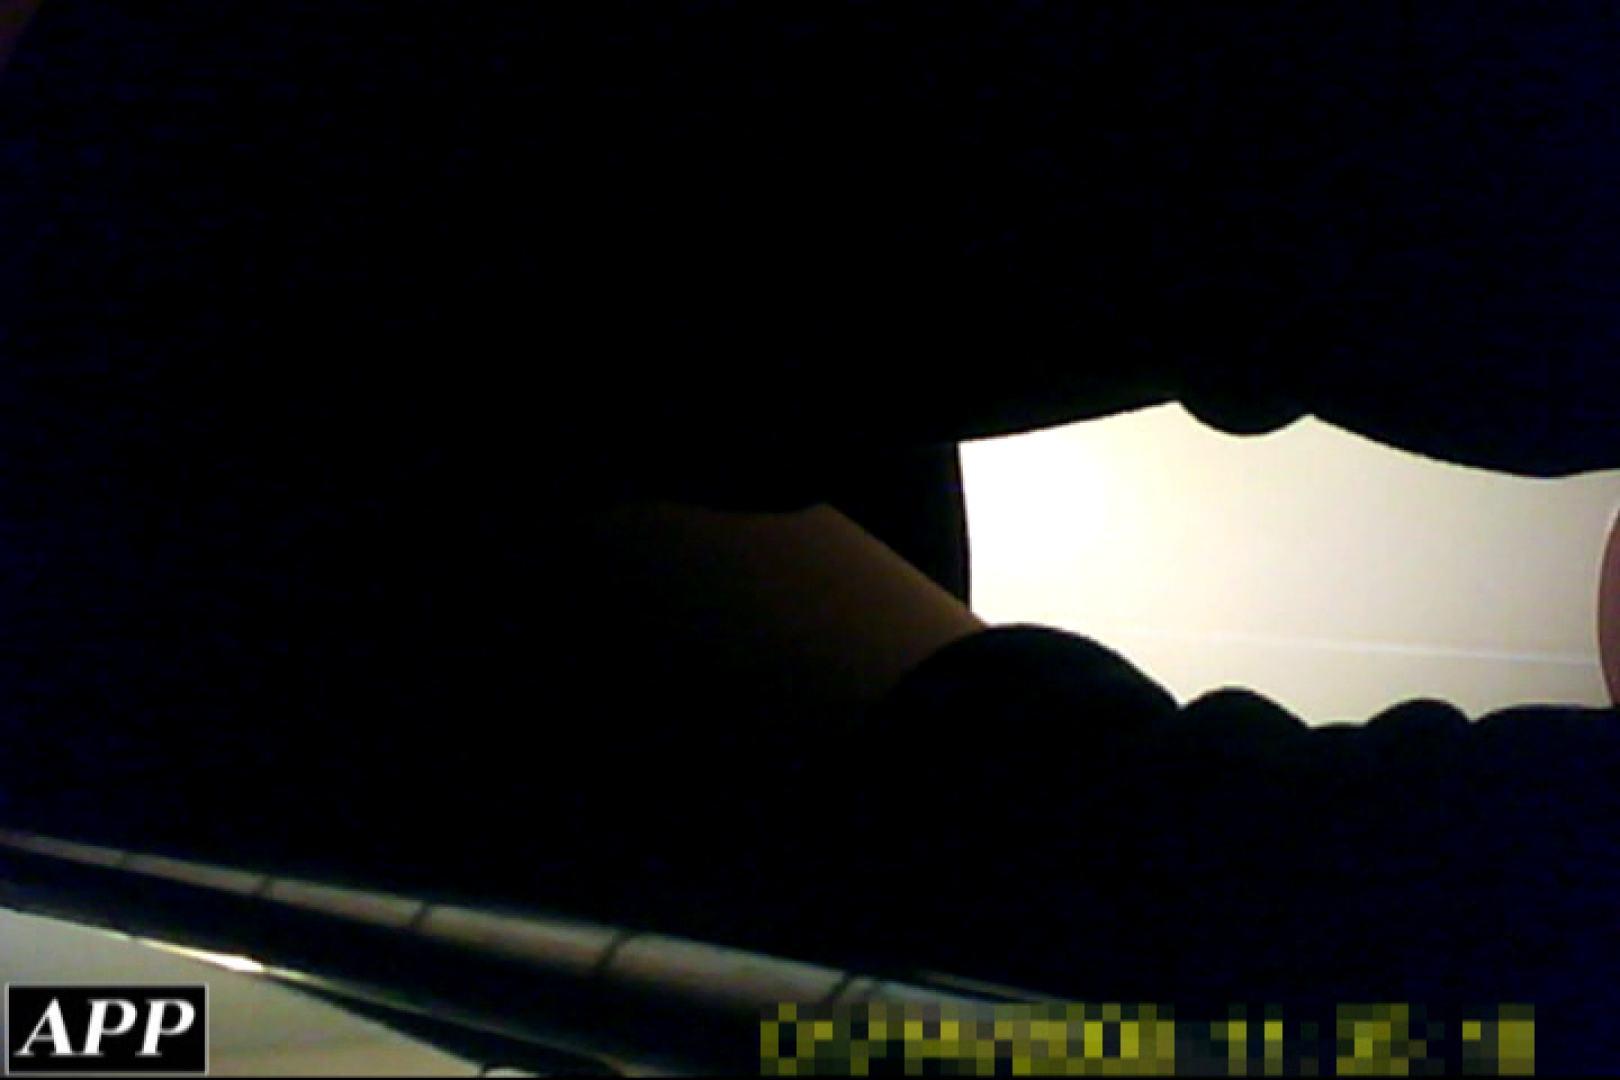 3視点洗面所 vol.54 洗面所 盗撮おまんこ無修正動画無料 64画像 21